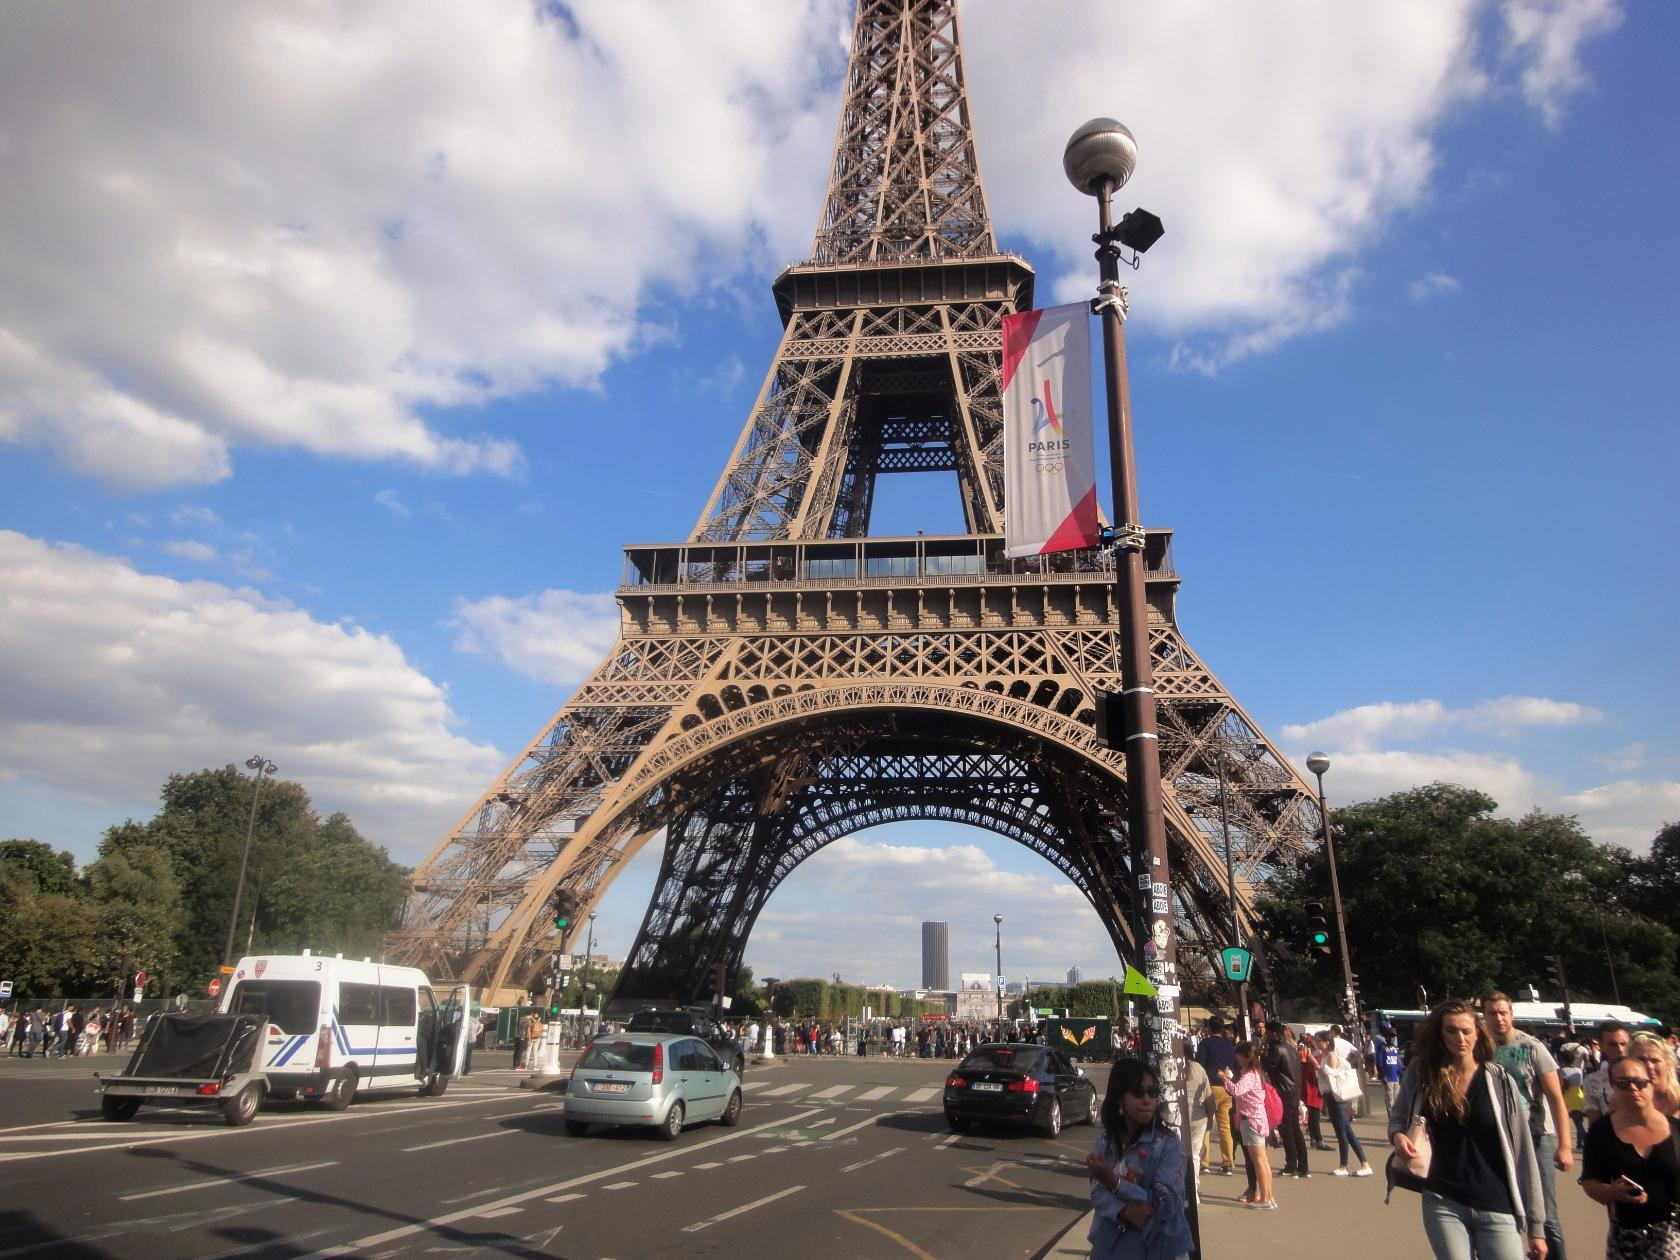 Всего один день в Париже или целый день в Париже: пешком от площади Бастилии до сада Тюильри